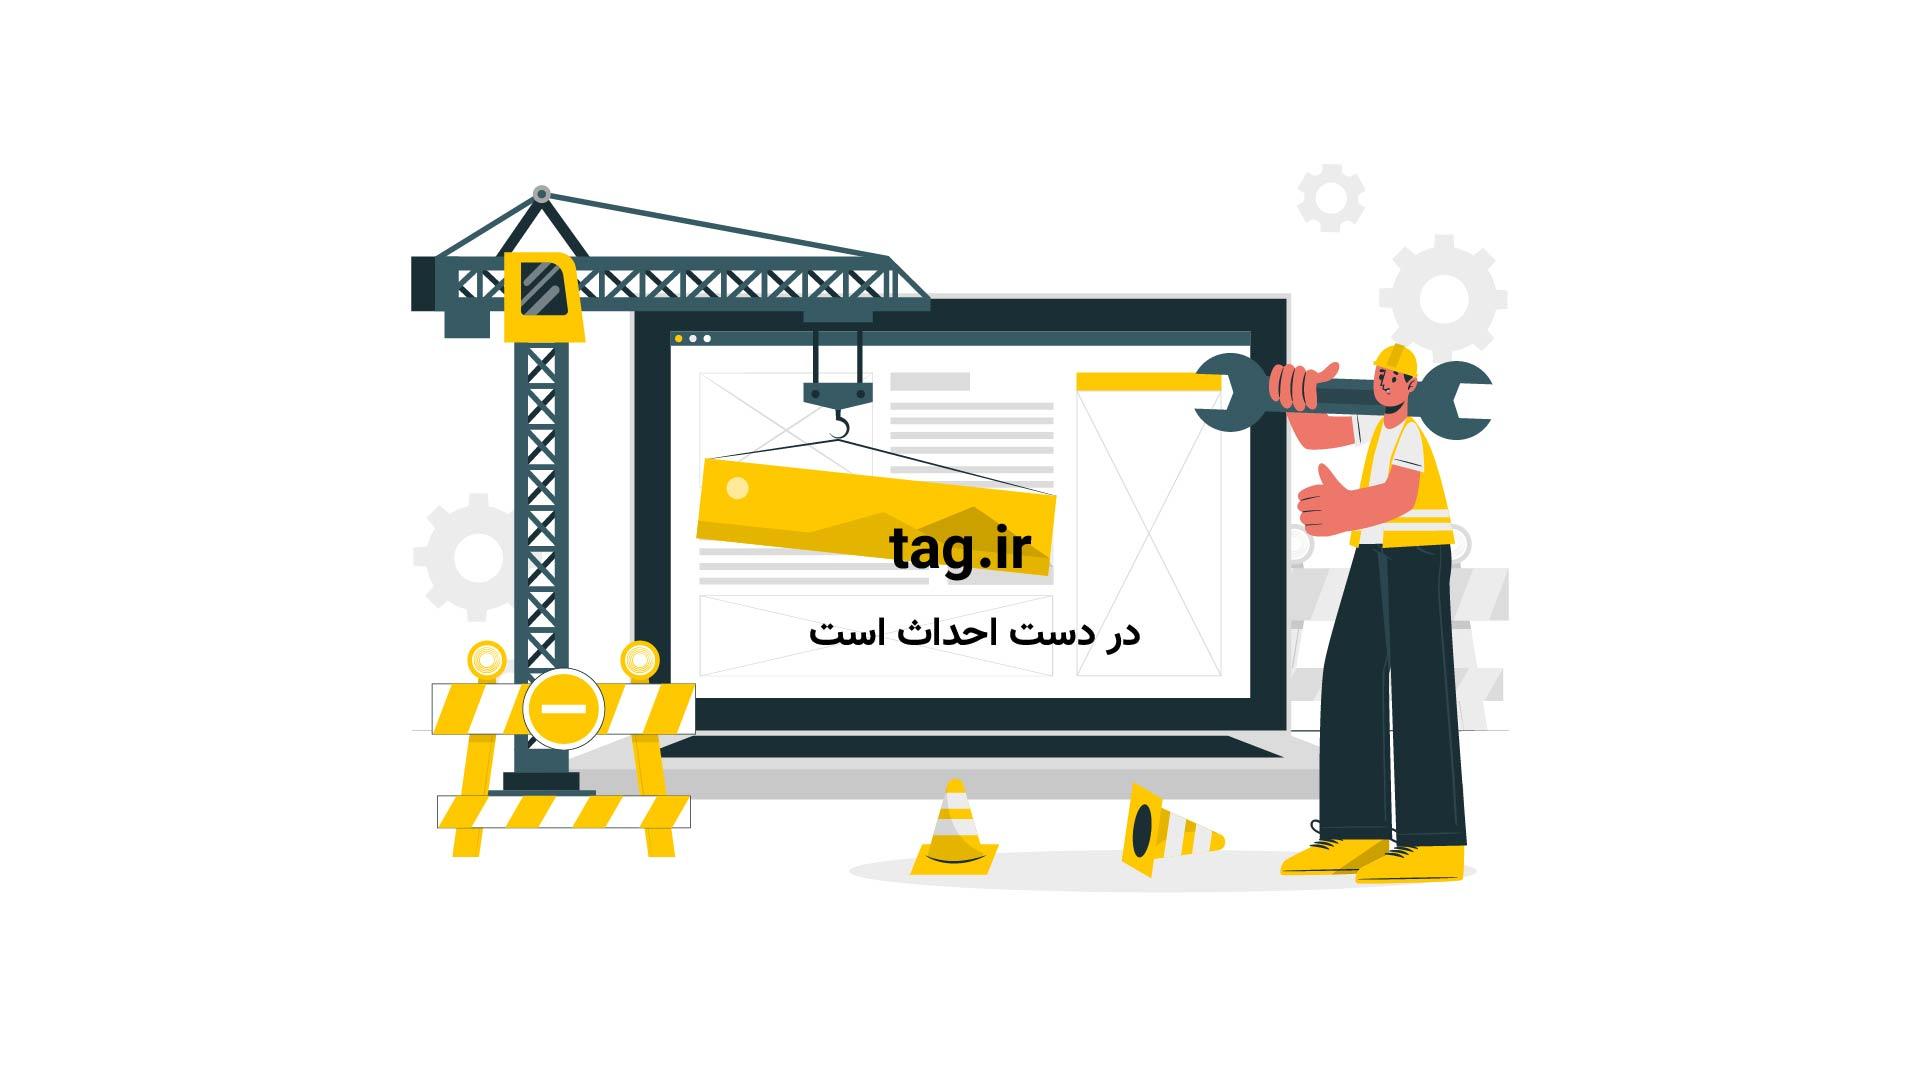 گوسفند و بره | تگ